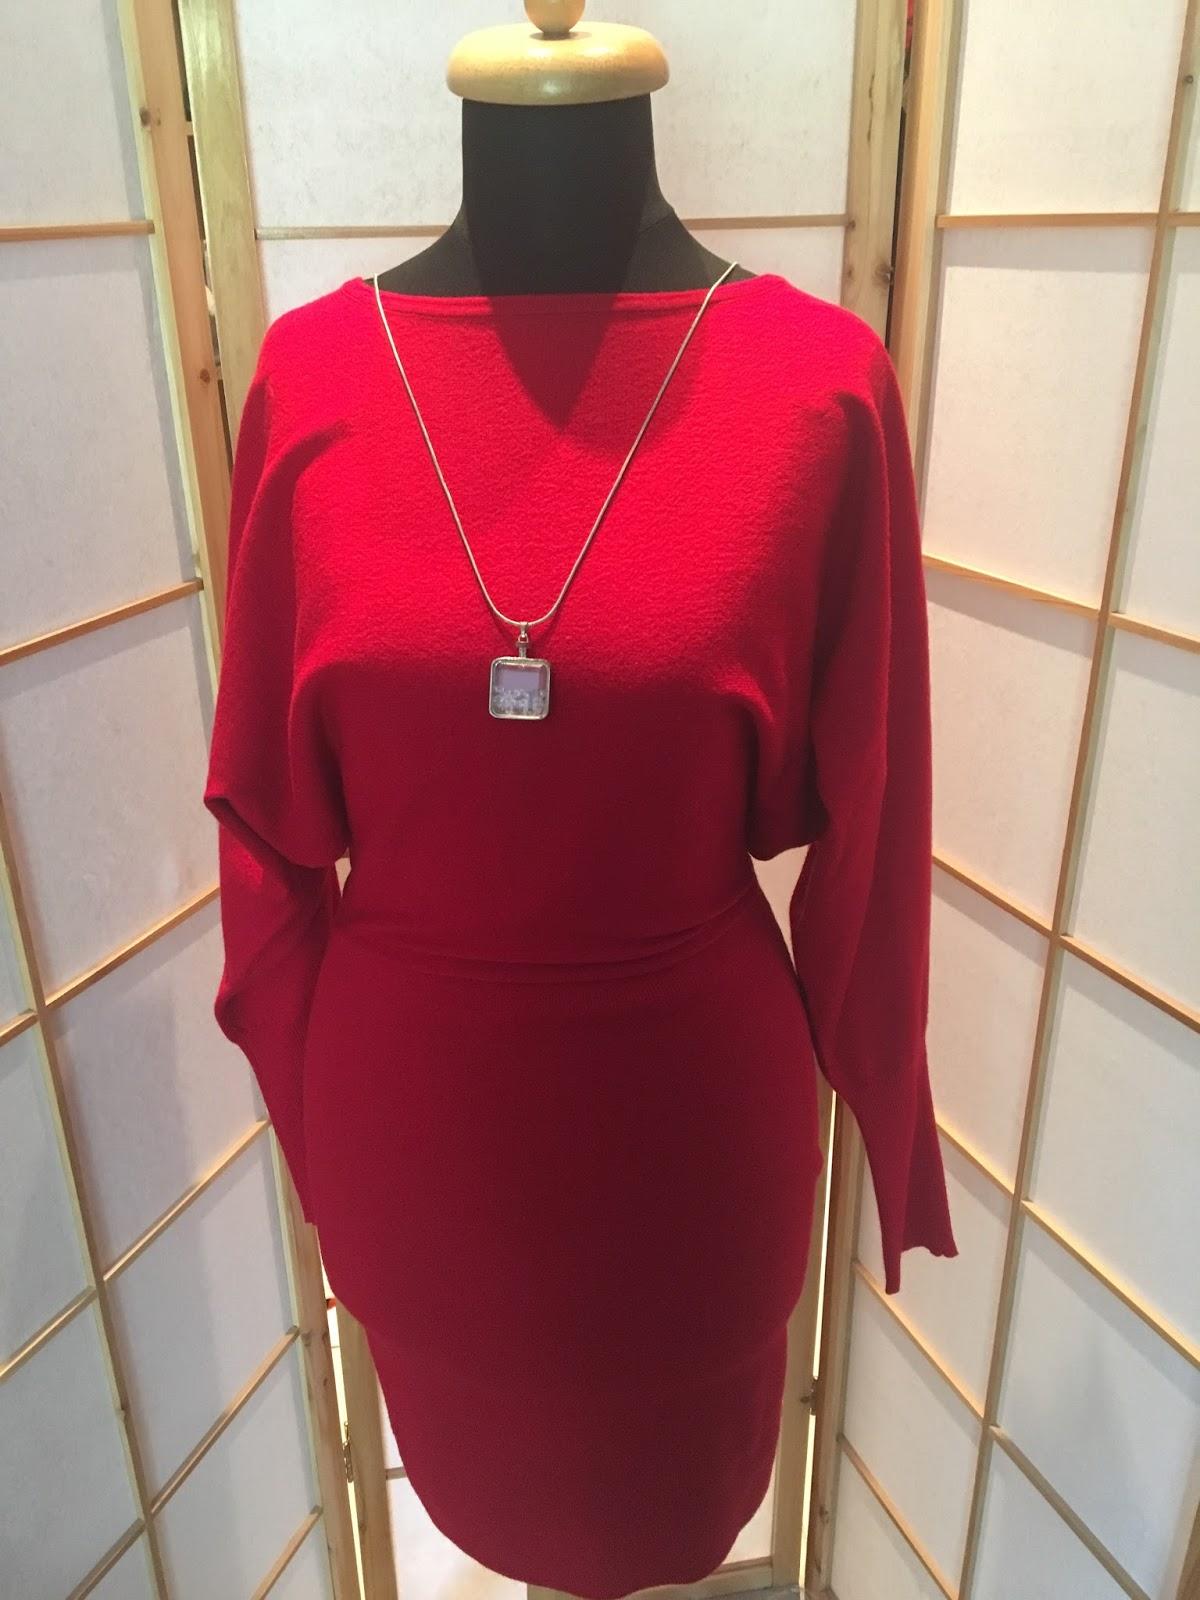 67b0d173b5 Pierwsza wpisuje się w trend modnej czerwieni - dla mnie mogłaby być  kompletnie niemodna